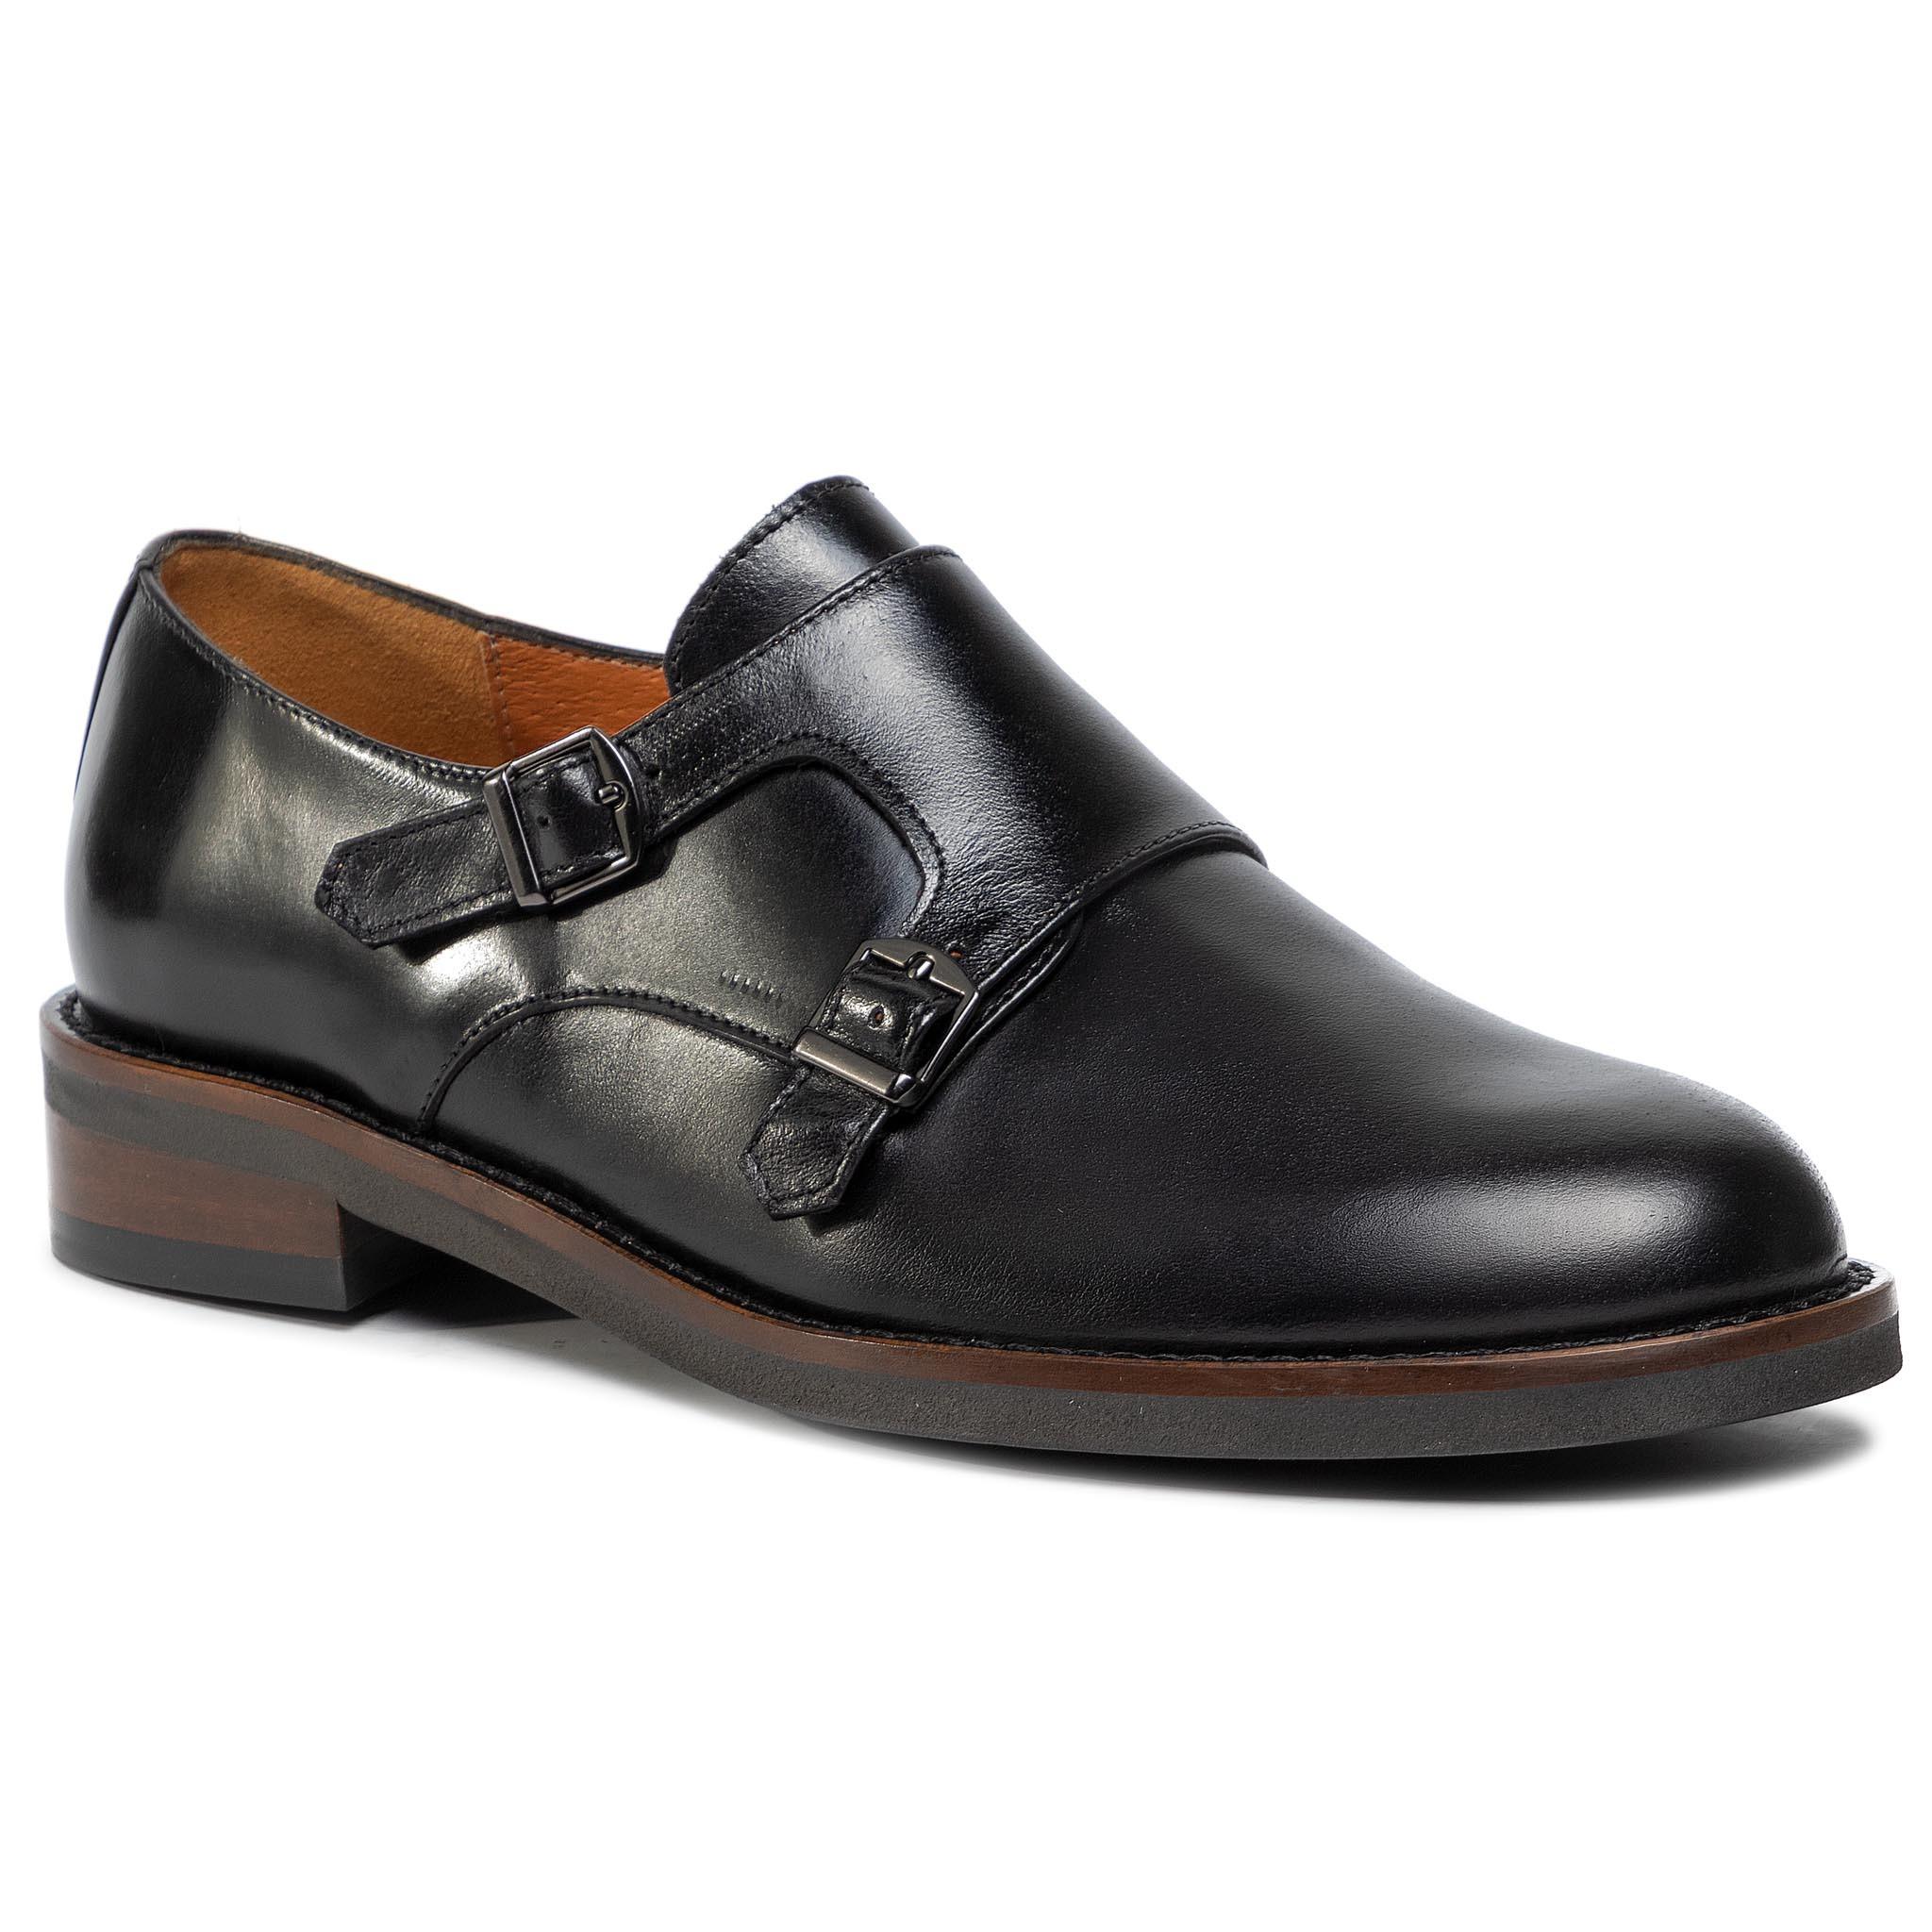 Pantofi SOLO FEMME - 96643-07-I12/000-03-00 Negru